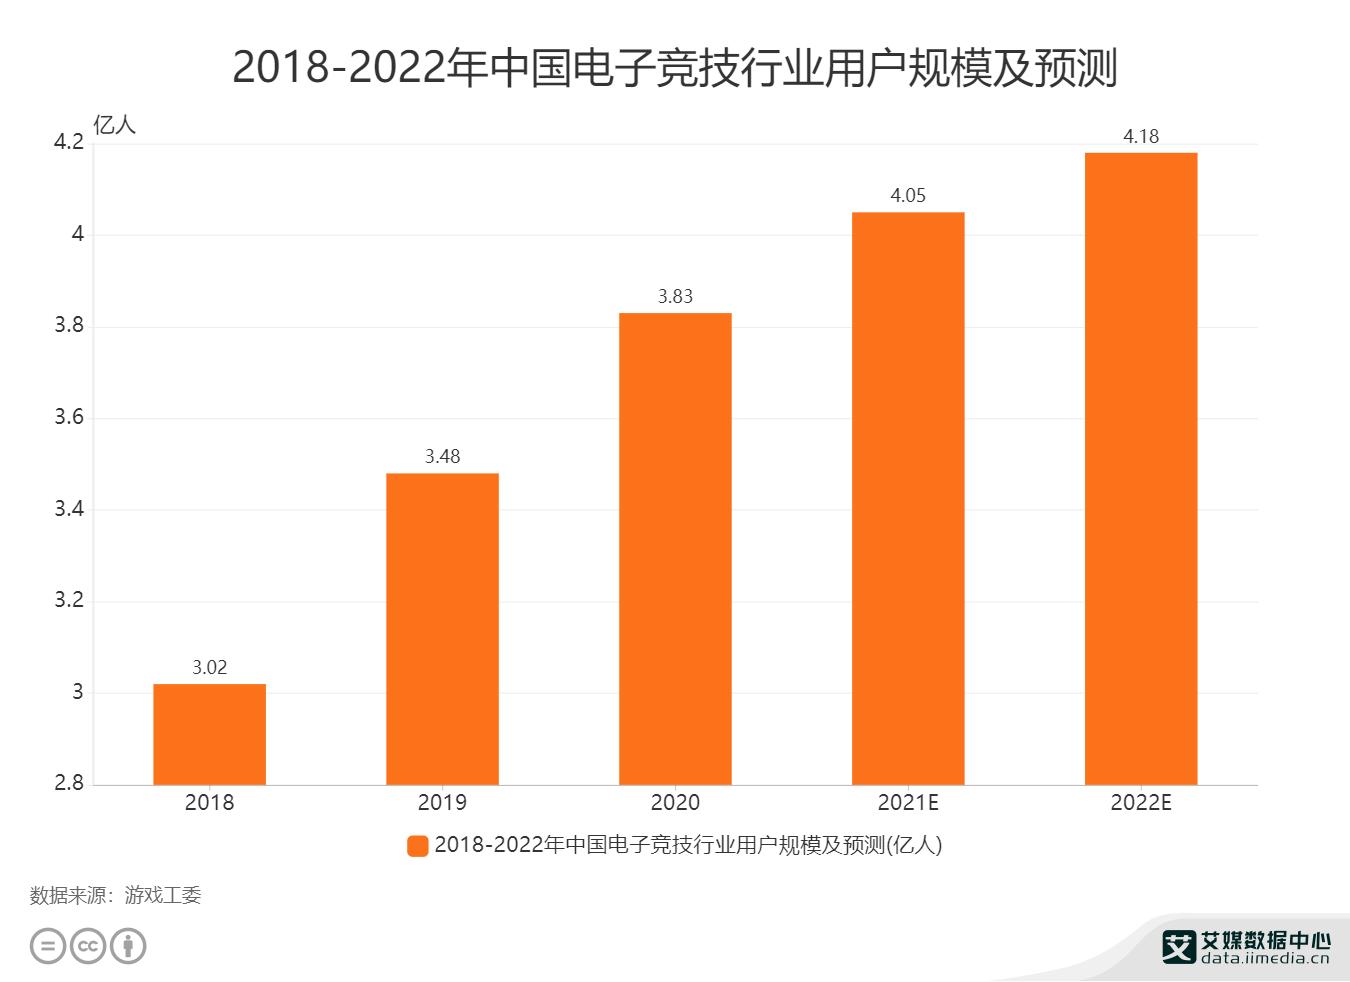 电竞行业数据分析:预计2021年中国电子竞技行业用户规模将达到4.05亿人